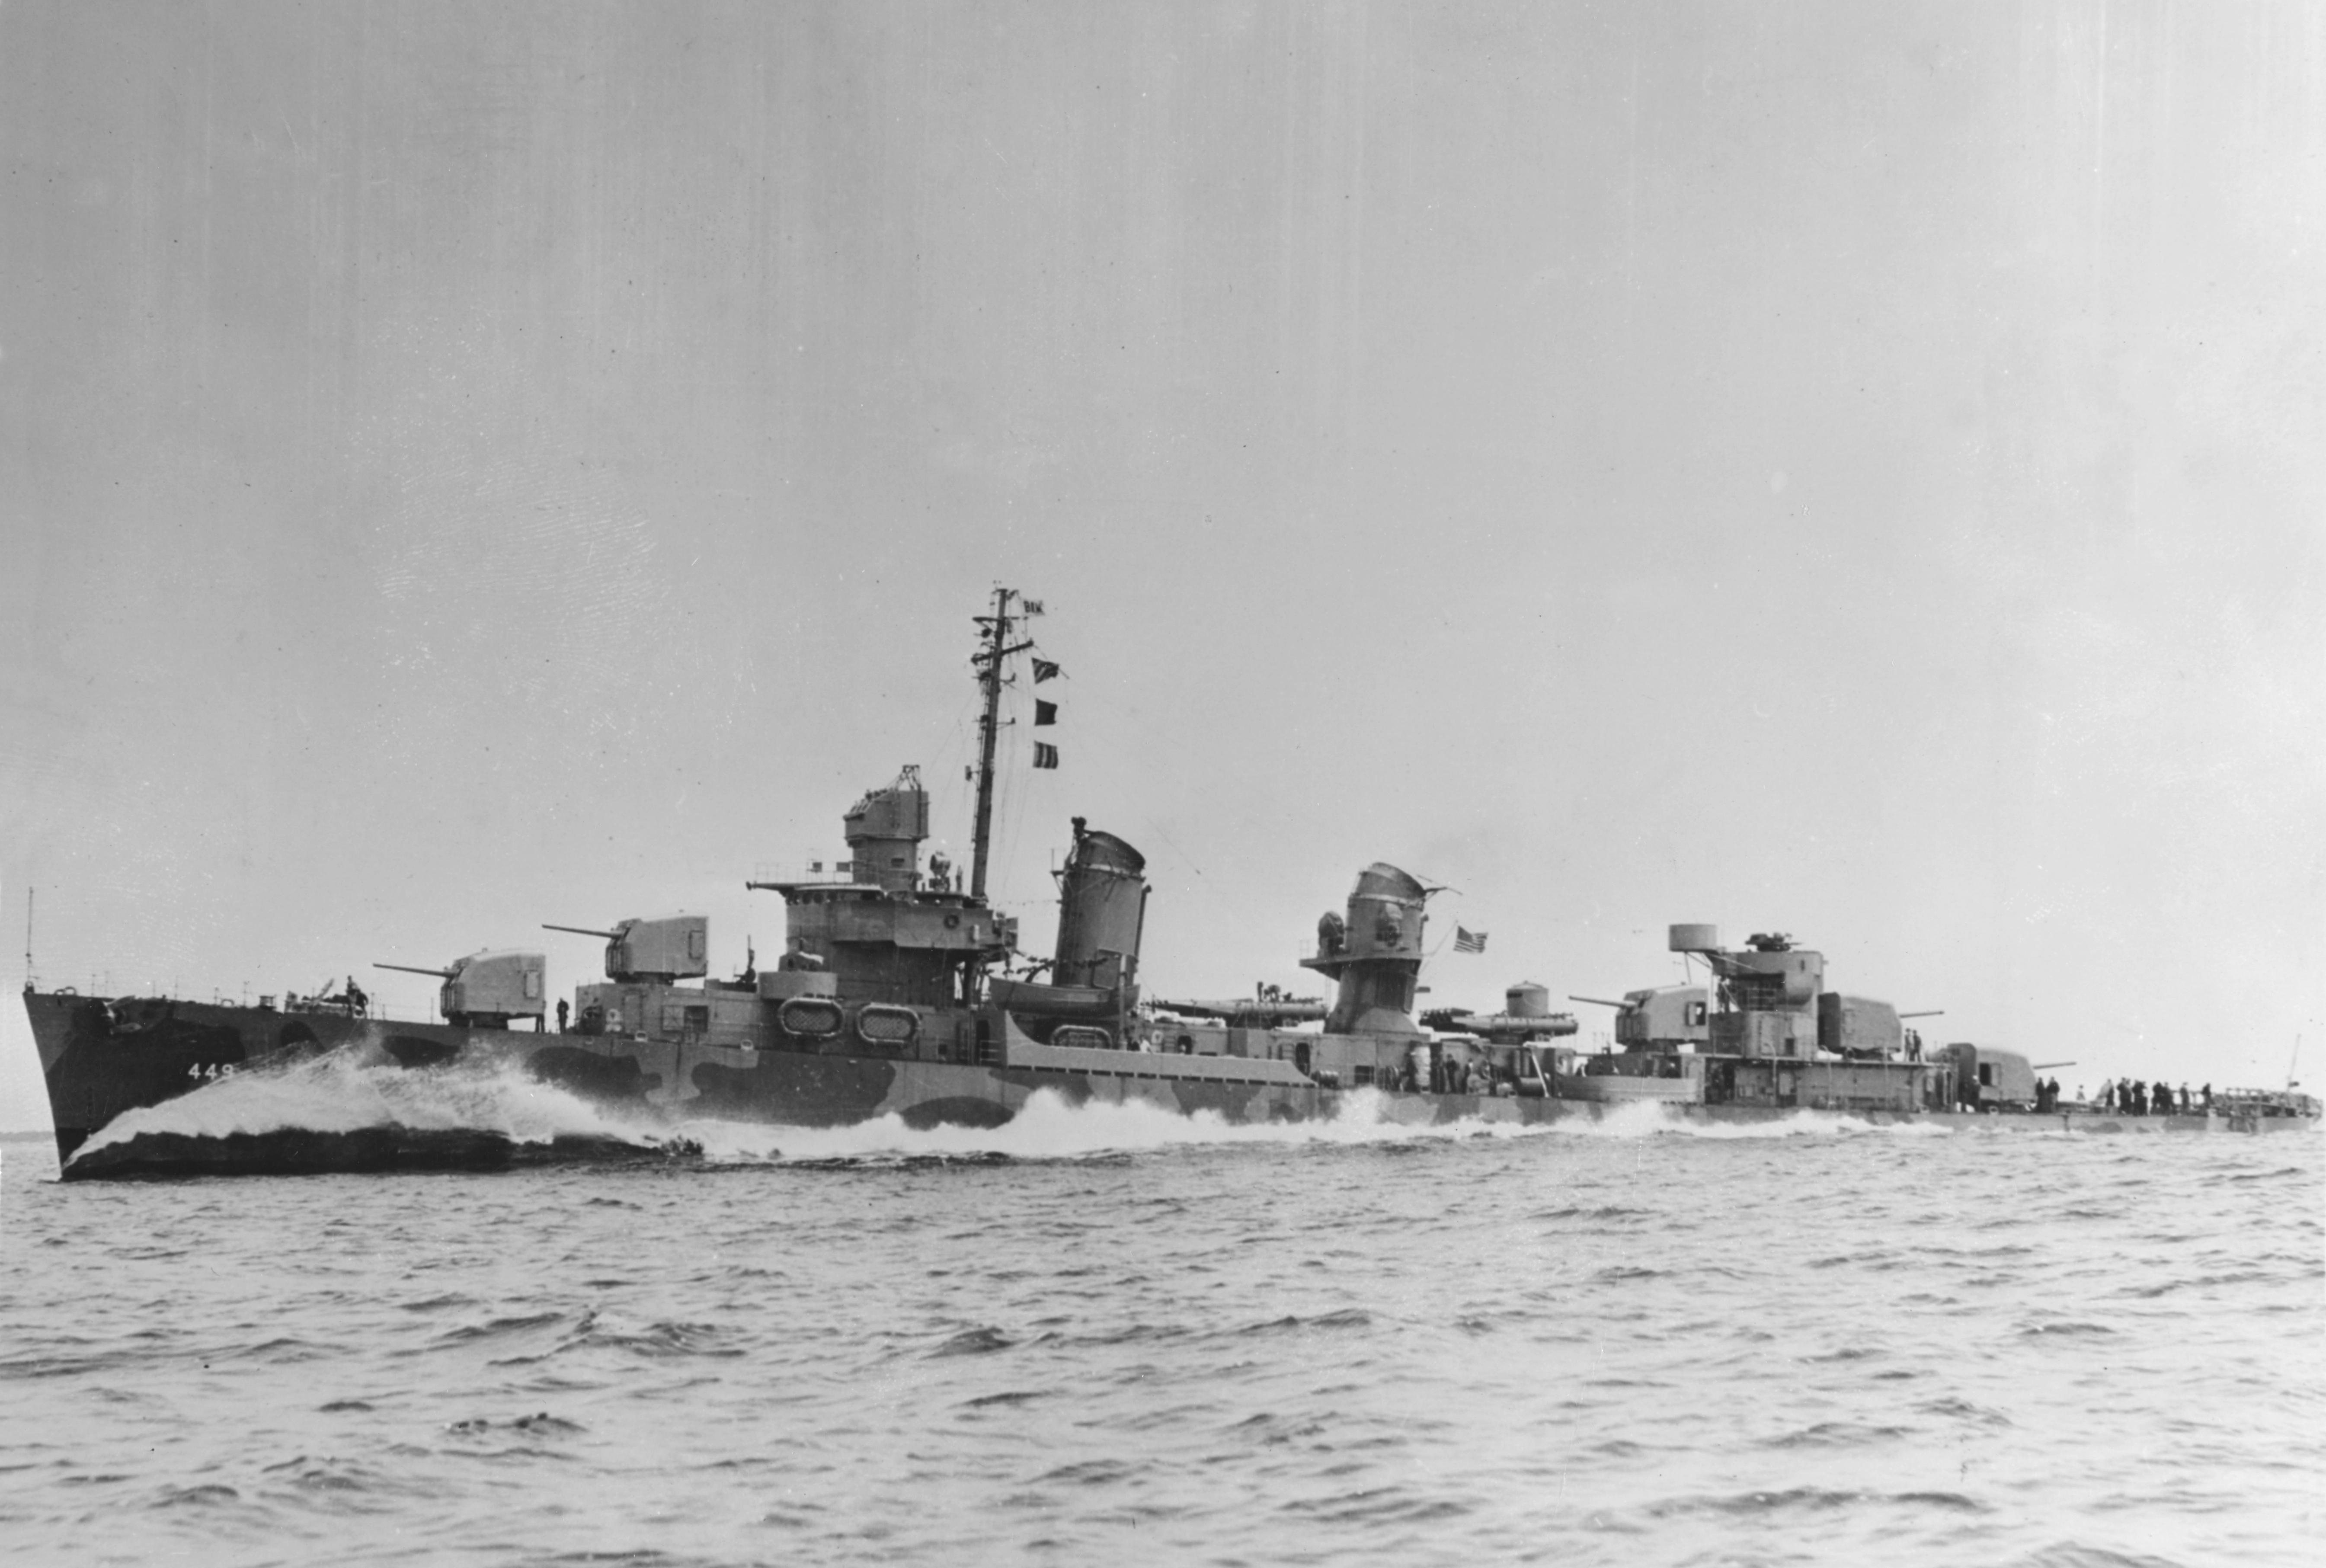 USS Nicholas (DD-449)